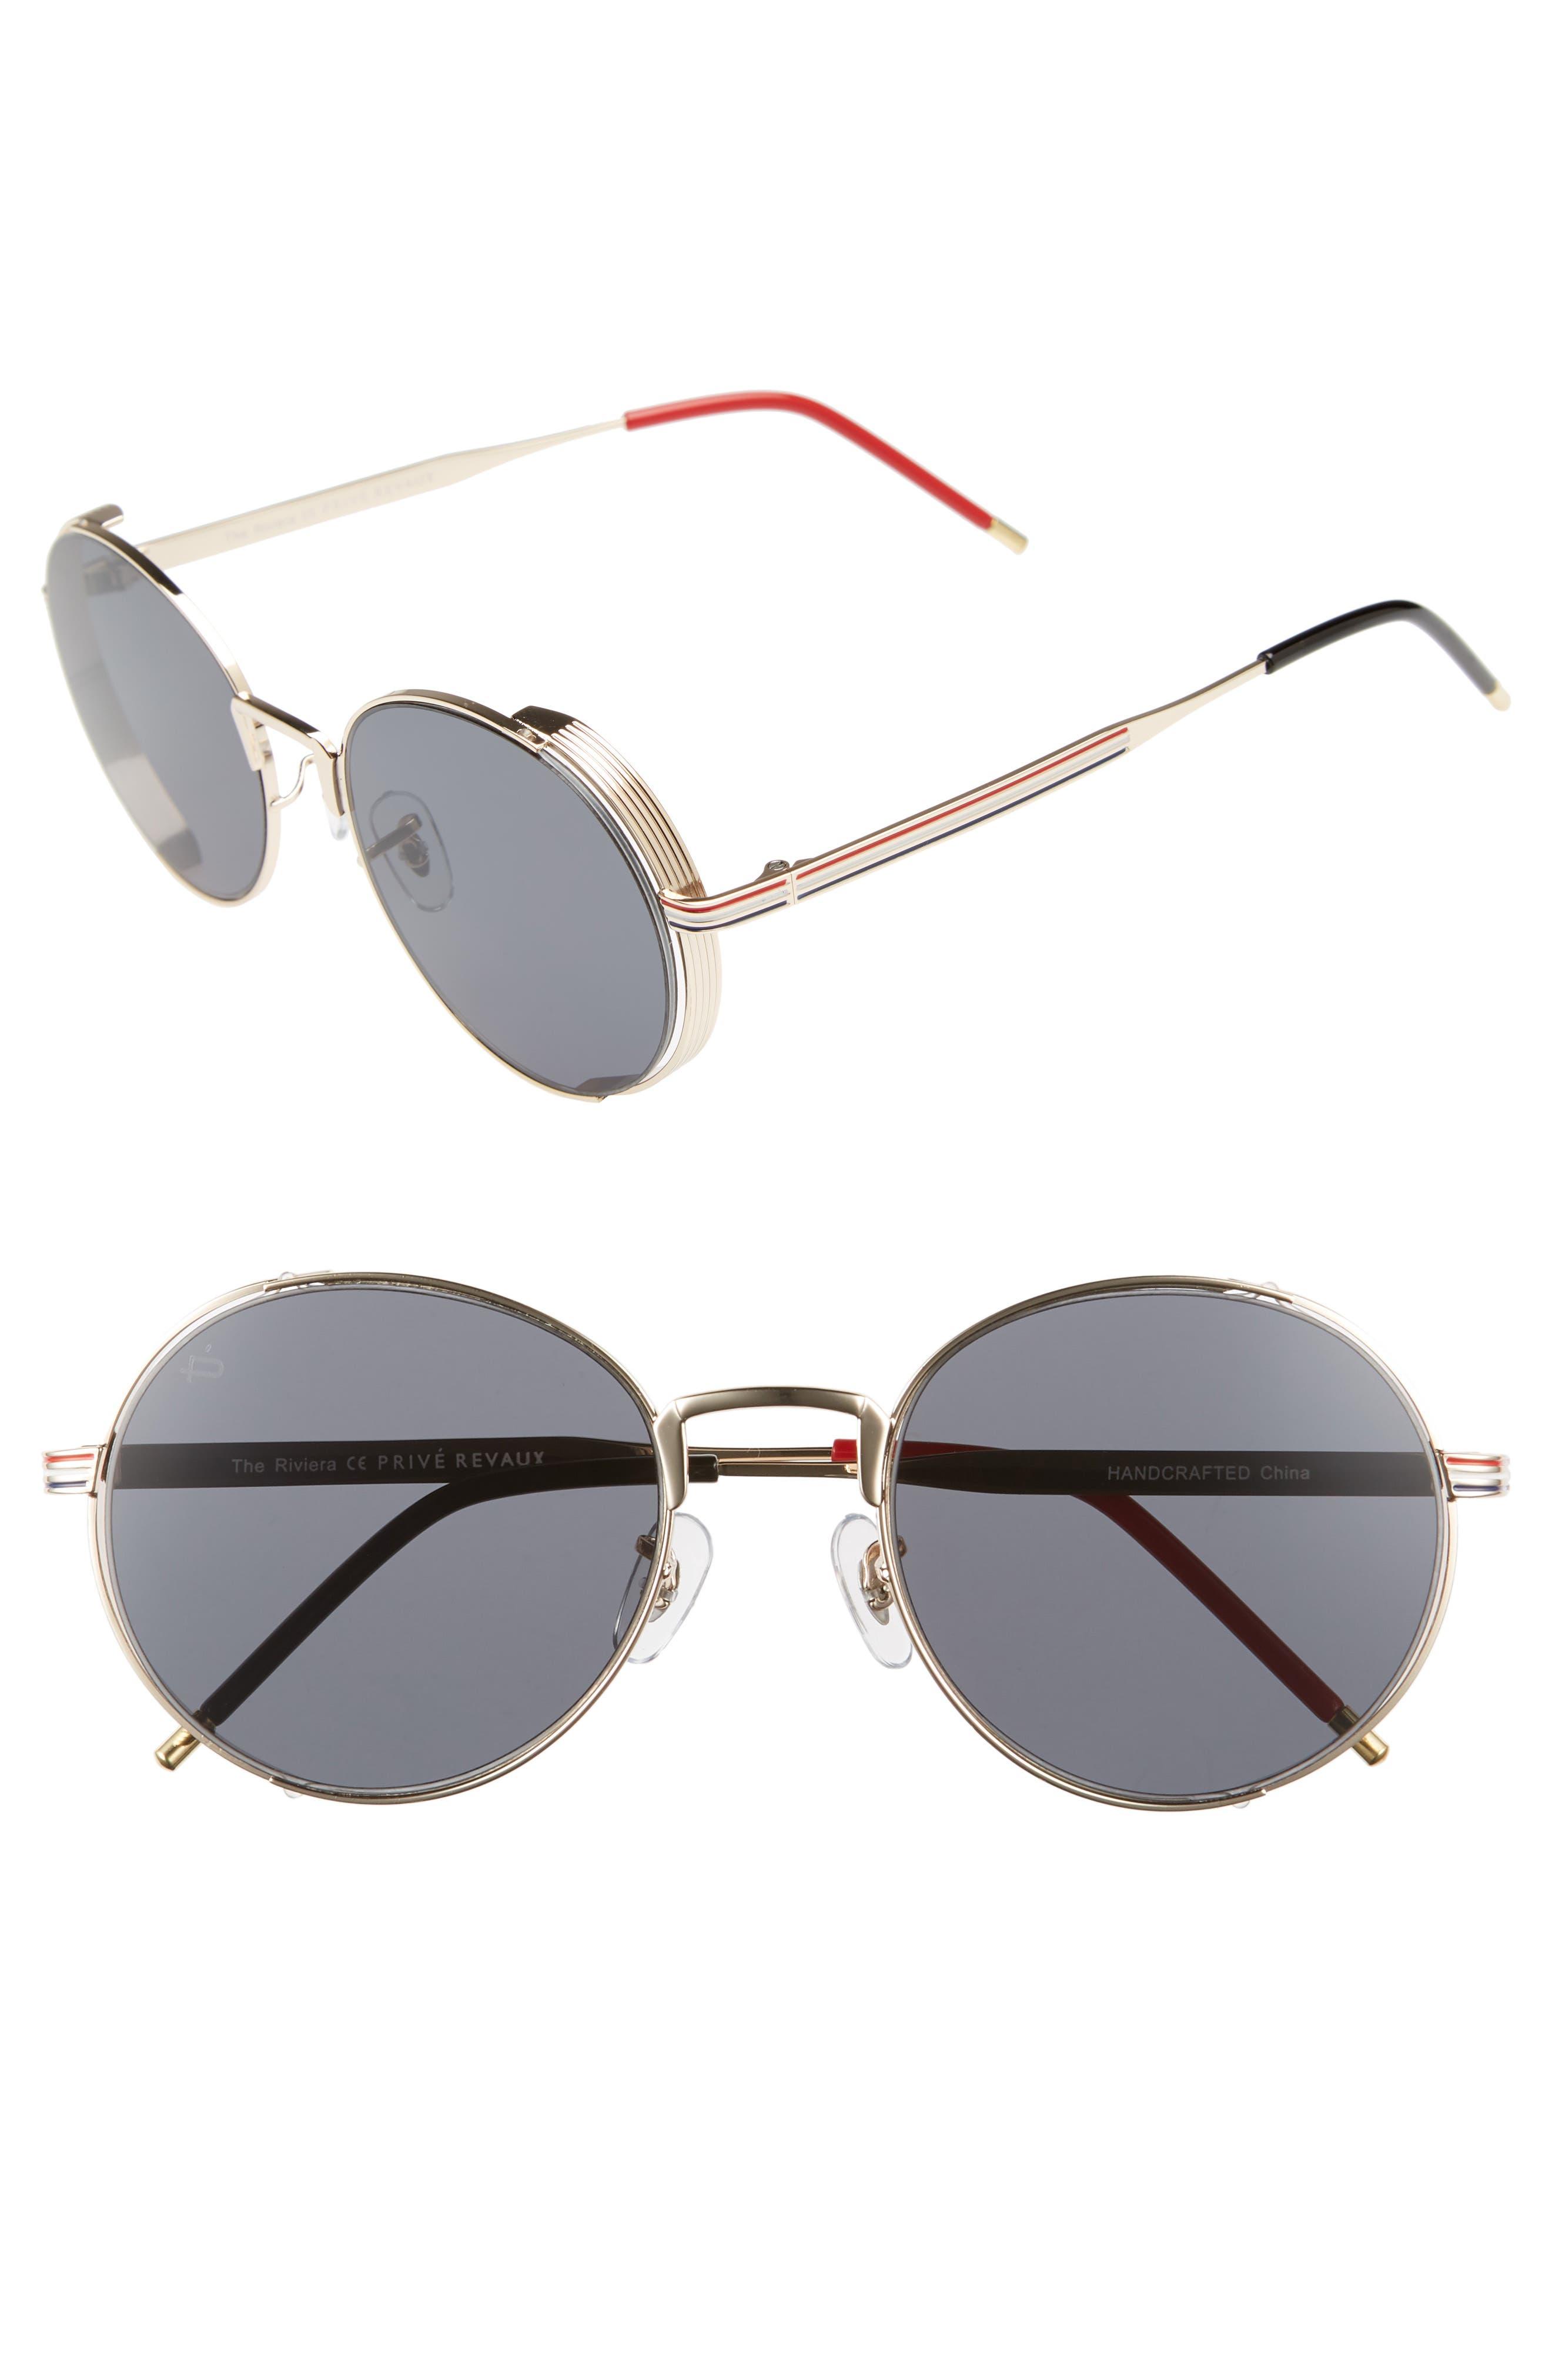 Privé Revaux The Riviera Round Sunglasses,                             Main thumbnail 1, color,                             020